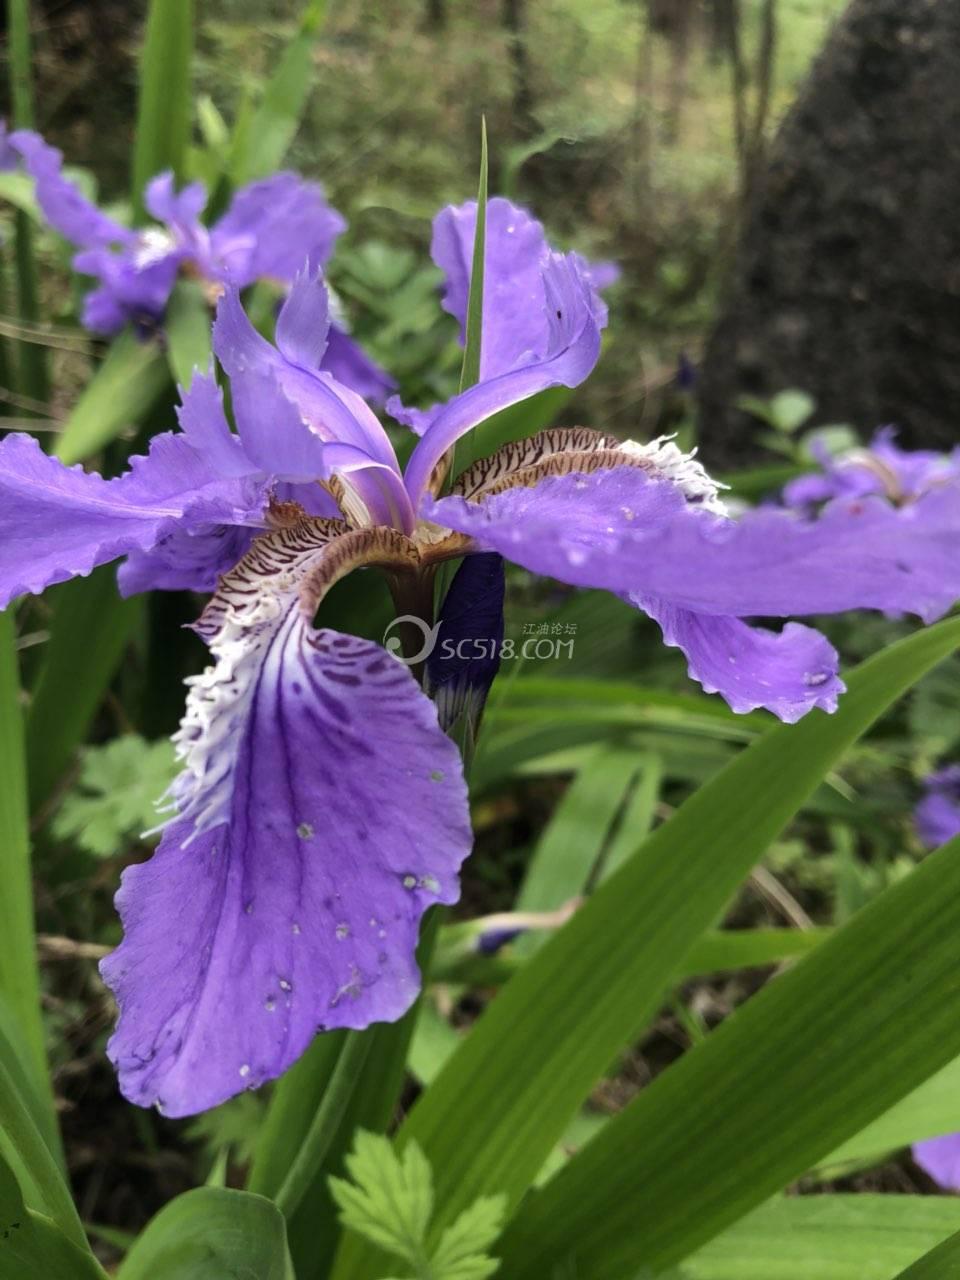 大自然中的花花草草!没人欣赏!还是美丽芬芳!